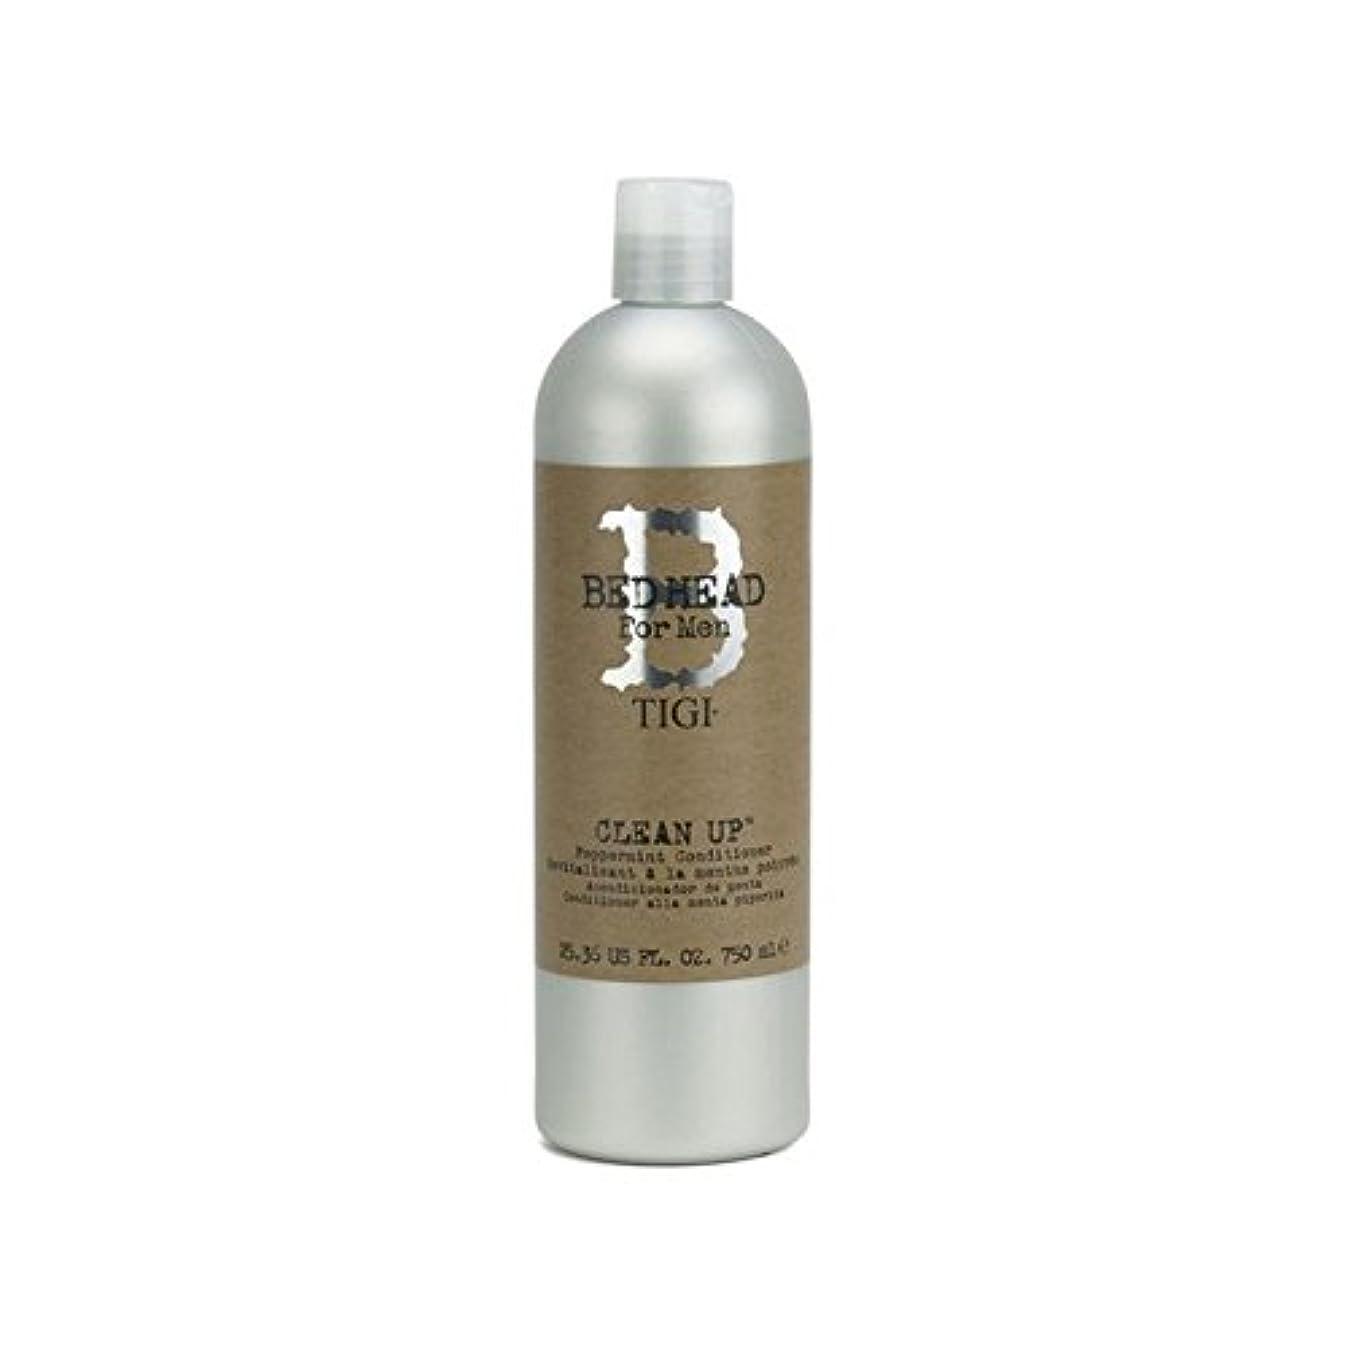 ディンカルビル土理論的Tigi Bed Head For Men Clean Up Peppermint Conditioner (750ml) (Pack of 6) - ペパーミントコンディショナーをクリーンアップする男性のためのティジーベッドヘッド(750ミリリットル) x6 [並行輸入品]